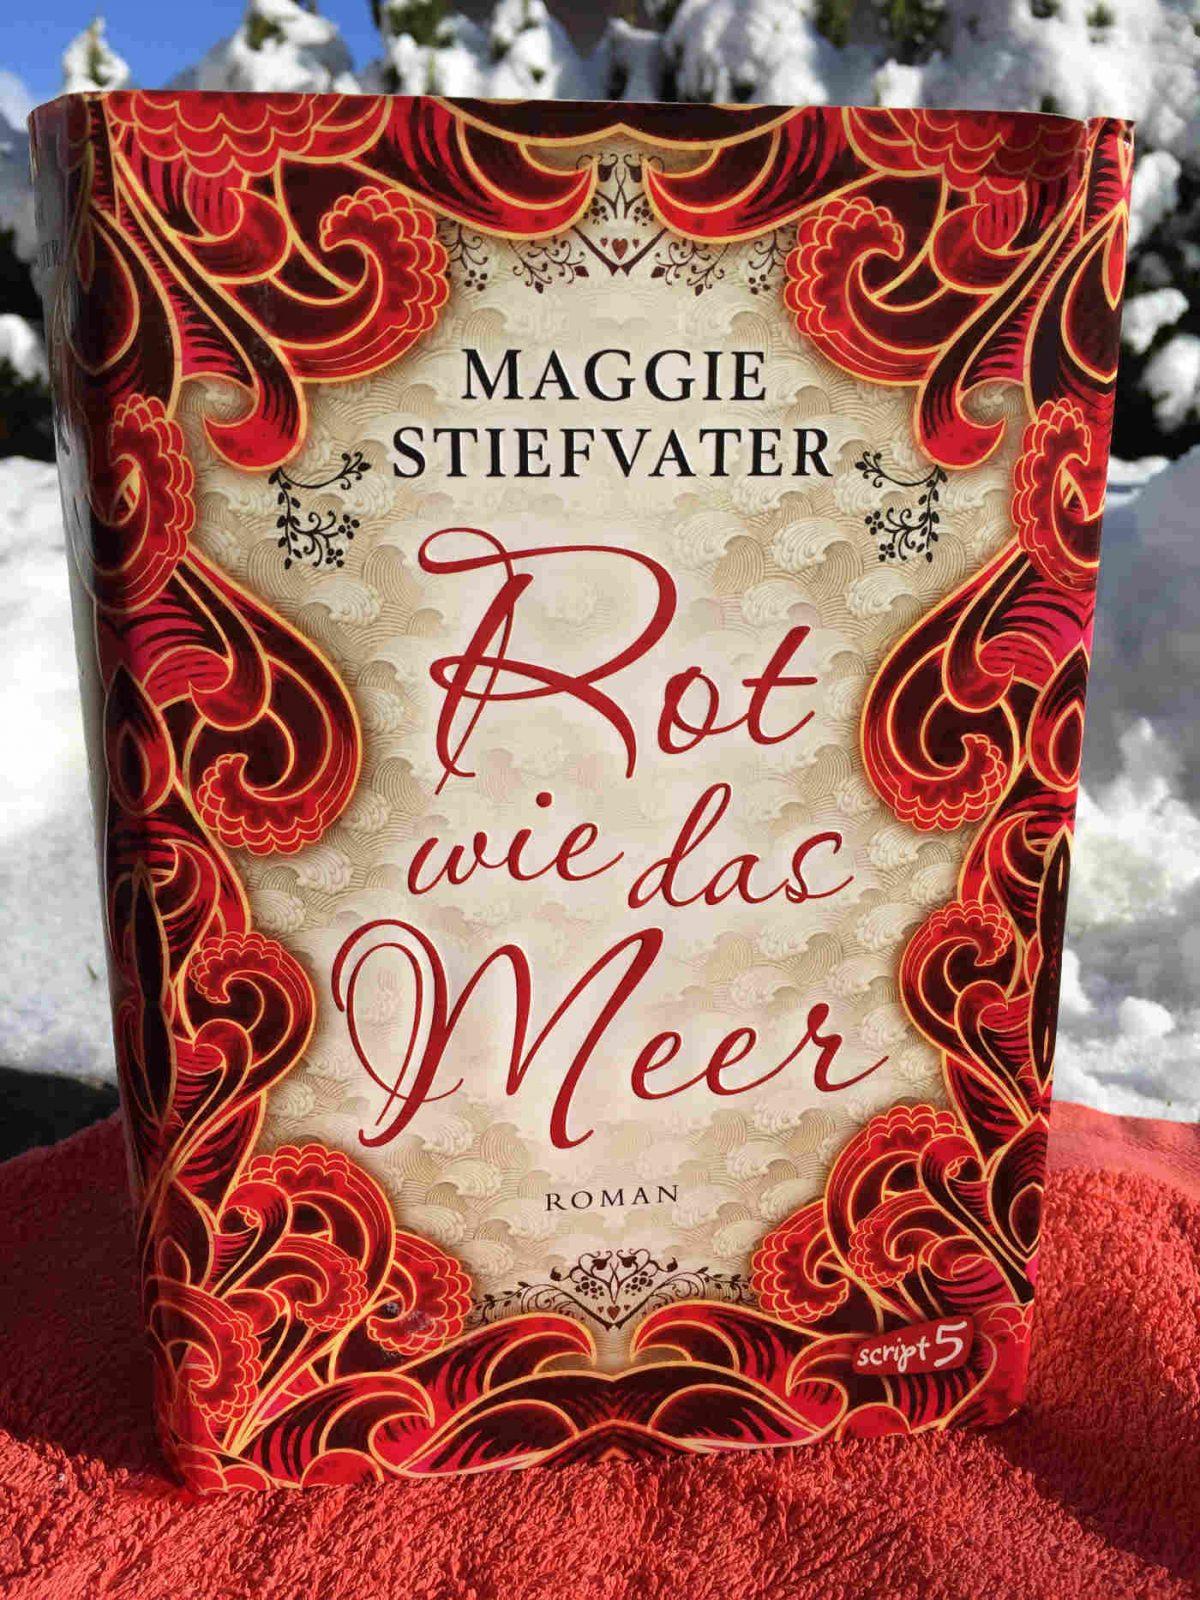 Maggie Stiefvater Rot wie das Meer Buchtipp Jugendbuchblog Buchempfehlung Weihnachtsgeschenk für Jugendliche Young Adult Roman sensationell geniales Buch top